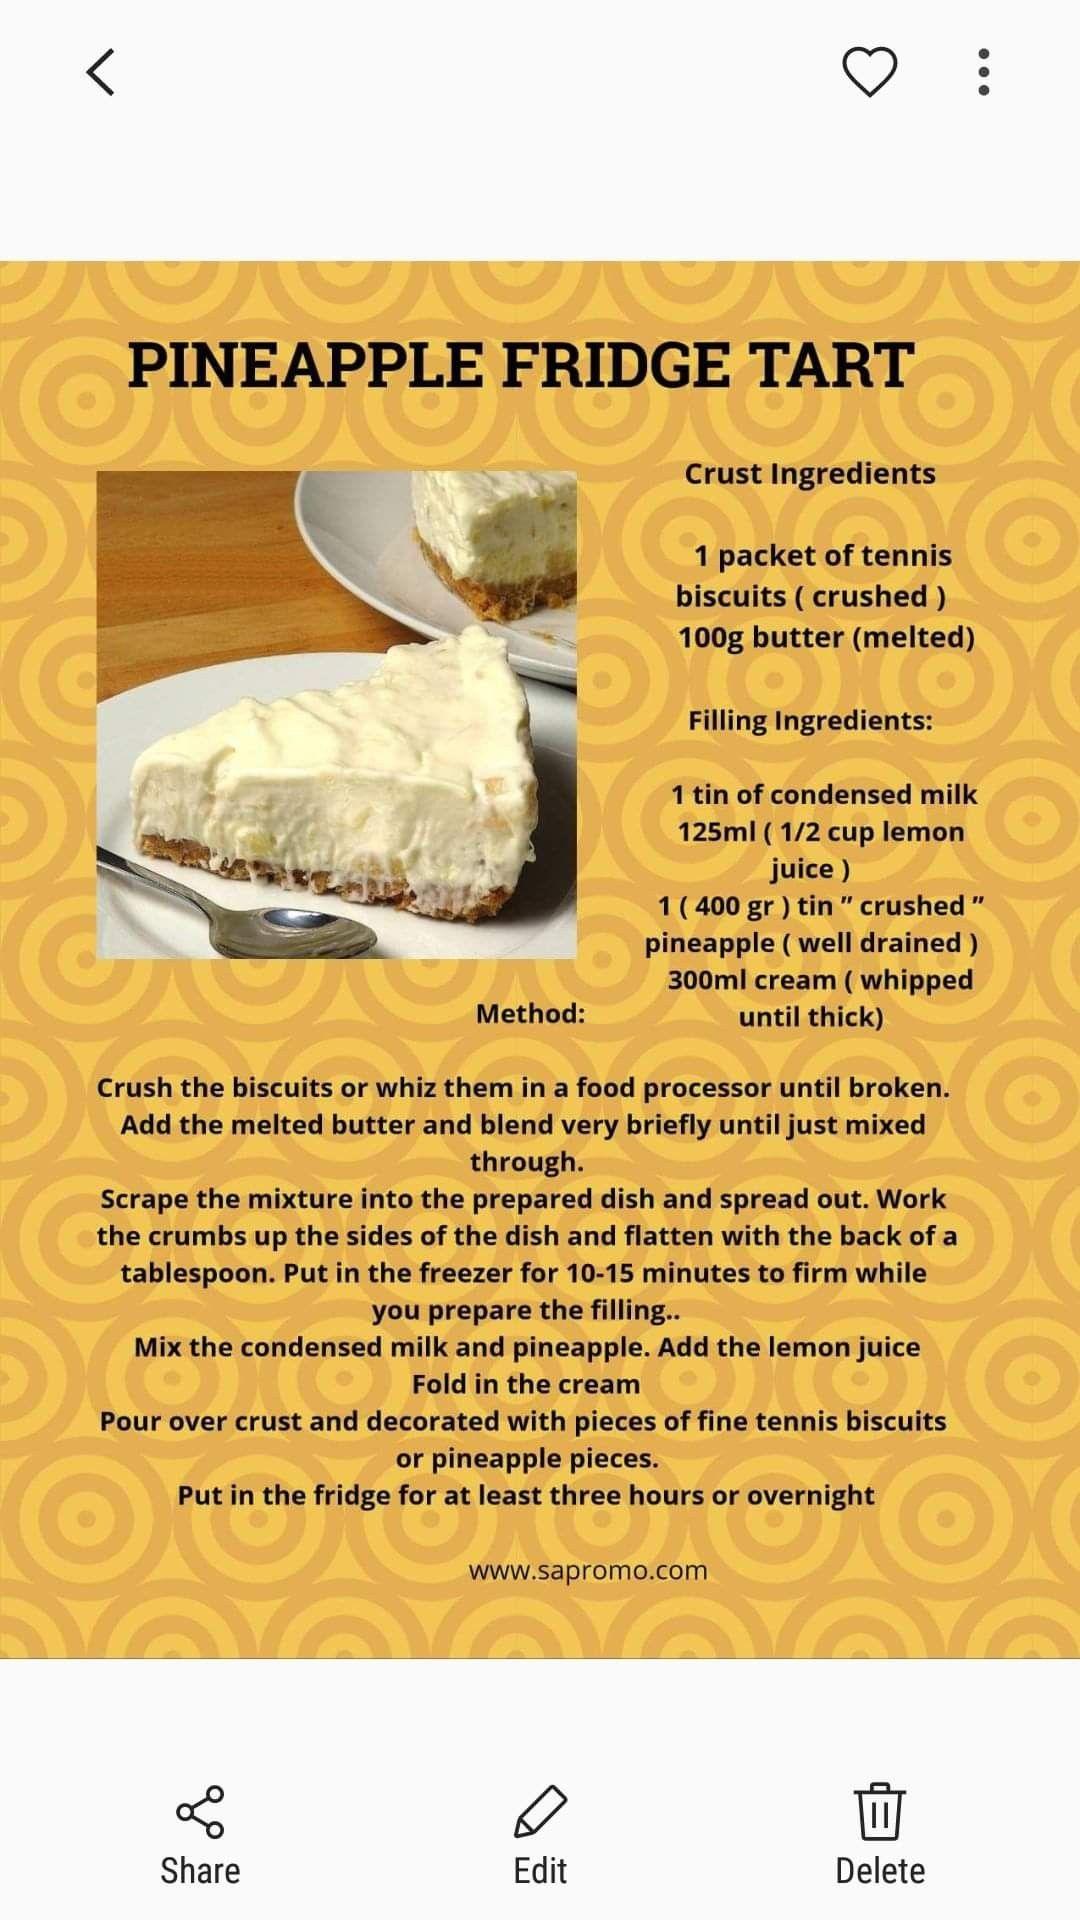 Pineapple Fridge Tart Pineapple Dessert Recipes Tart Recipes Tart Baking